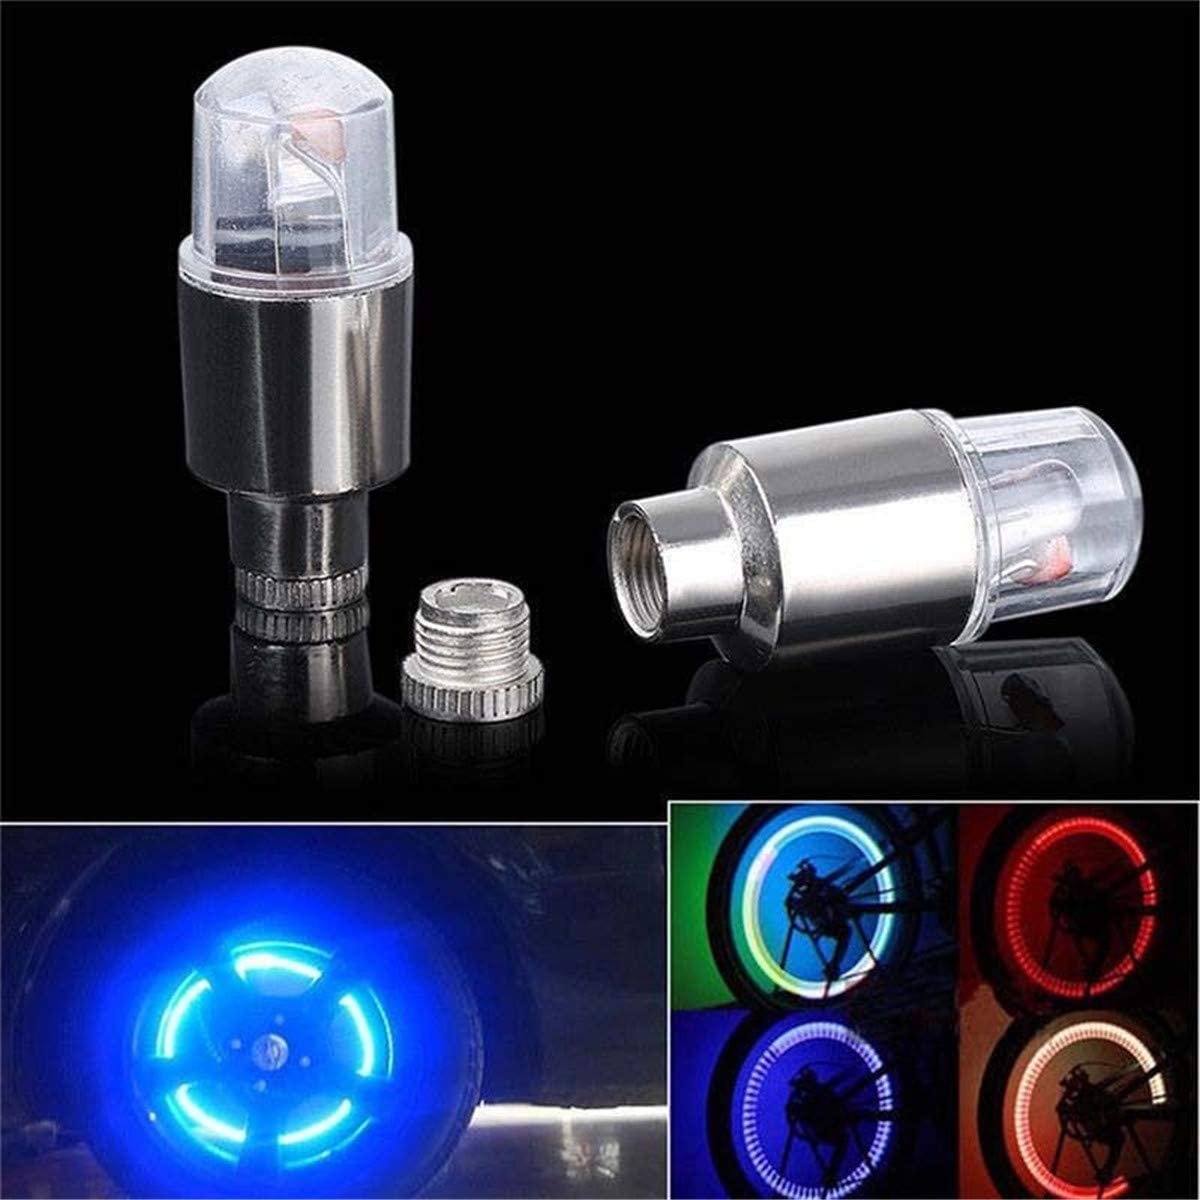 4pcs Bike Car Motor Wheel Tyre Tire Valve Cap LED Light Spoke Flashing Lamp